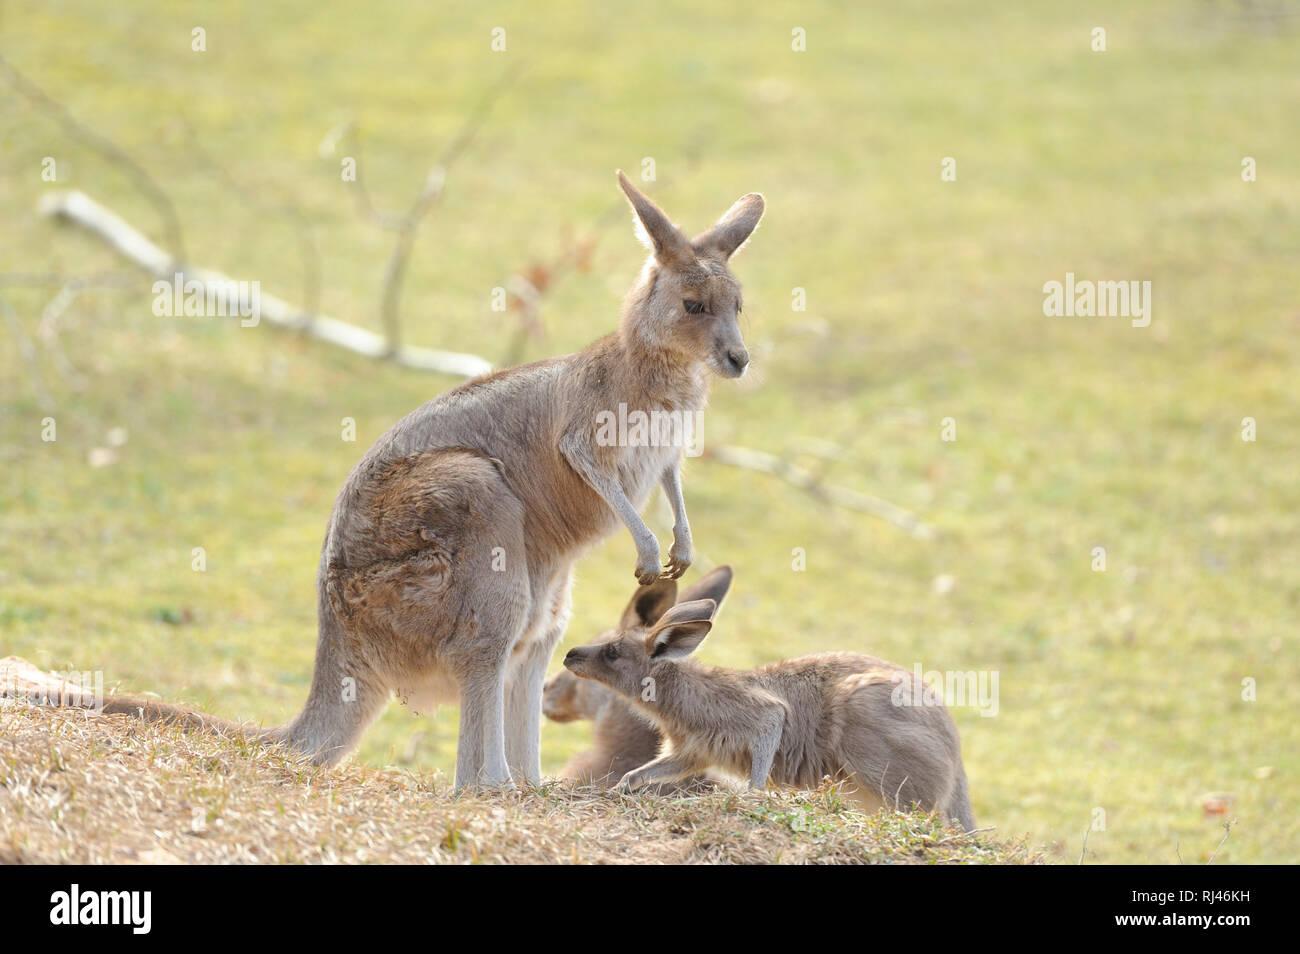 ?stliches Graues Riesenk?nguru, Macropus giganteus, Muttertier, Jungtier, Wiese, seitlich, stehen - Stock Image